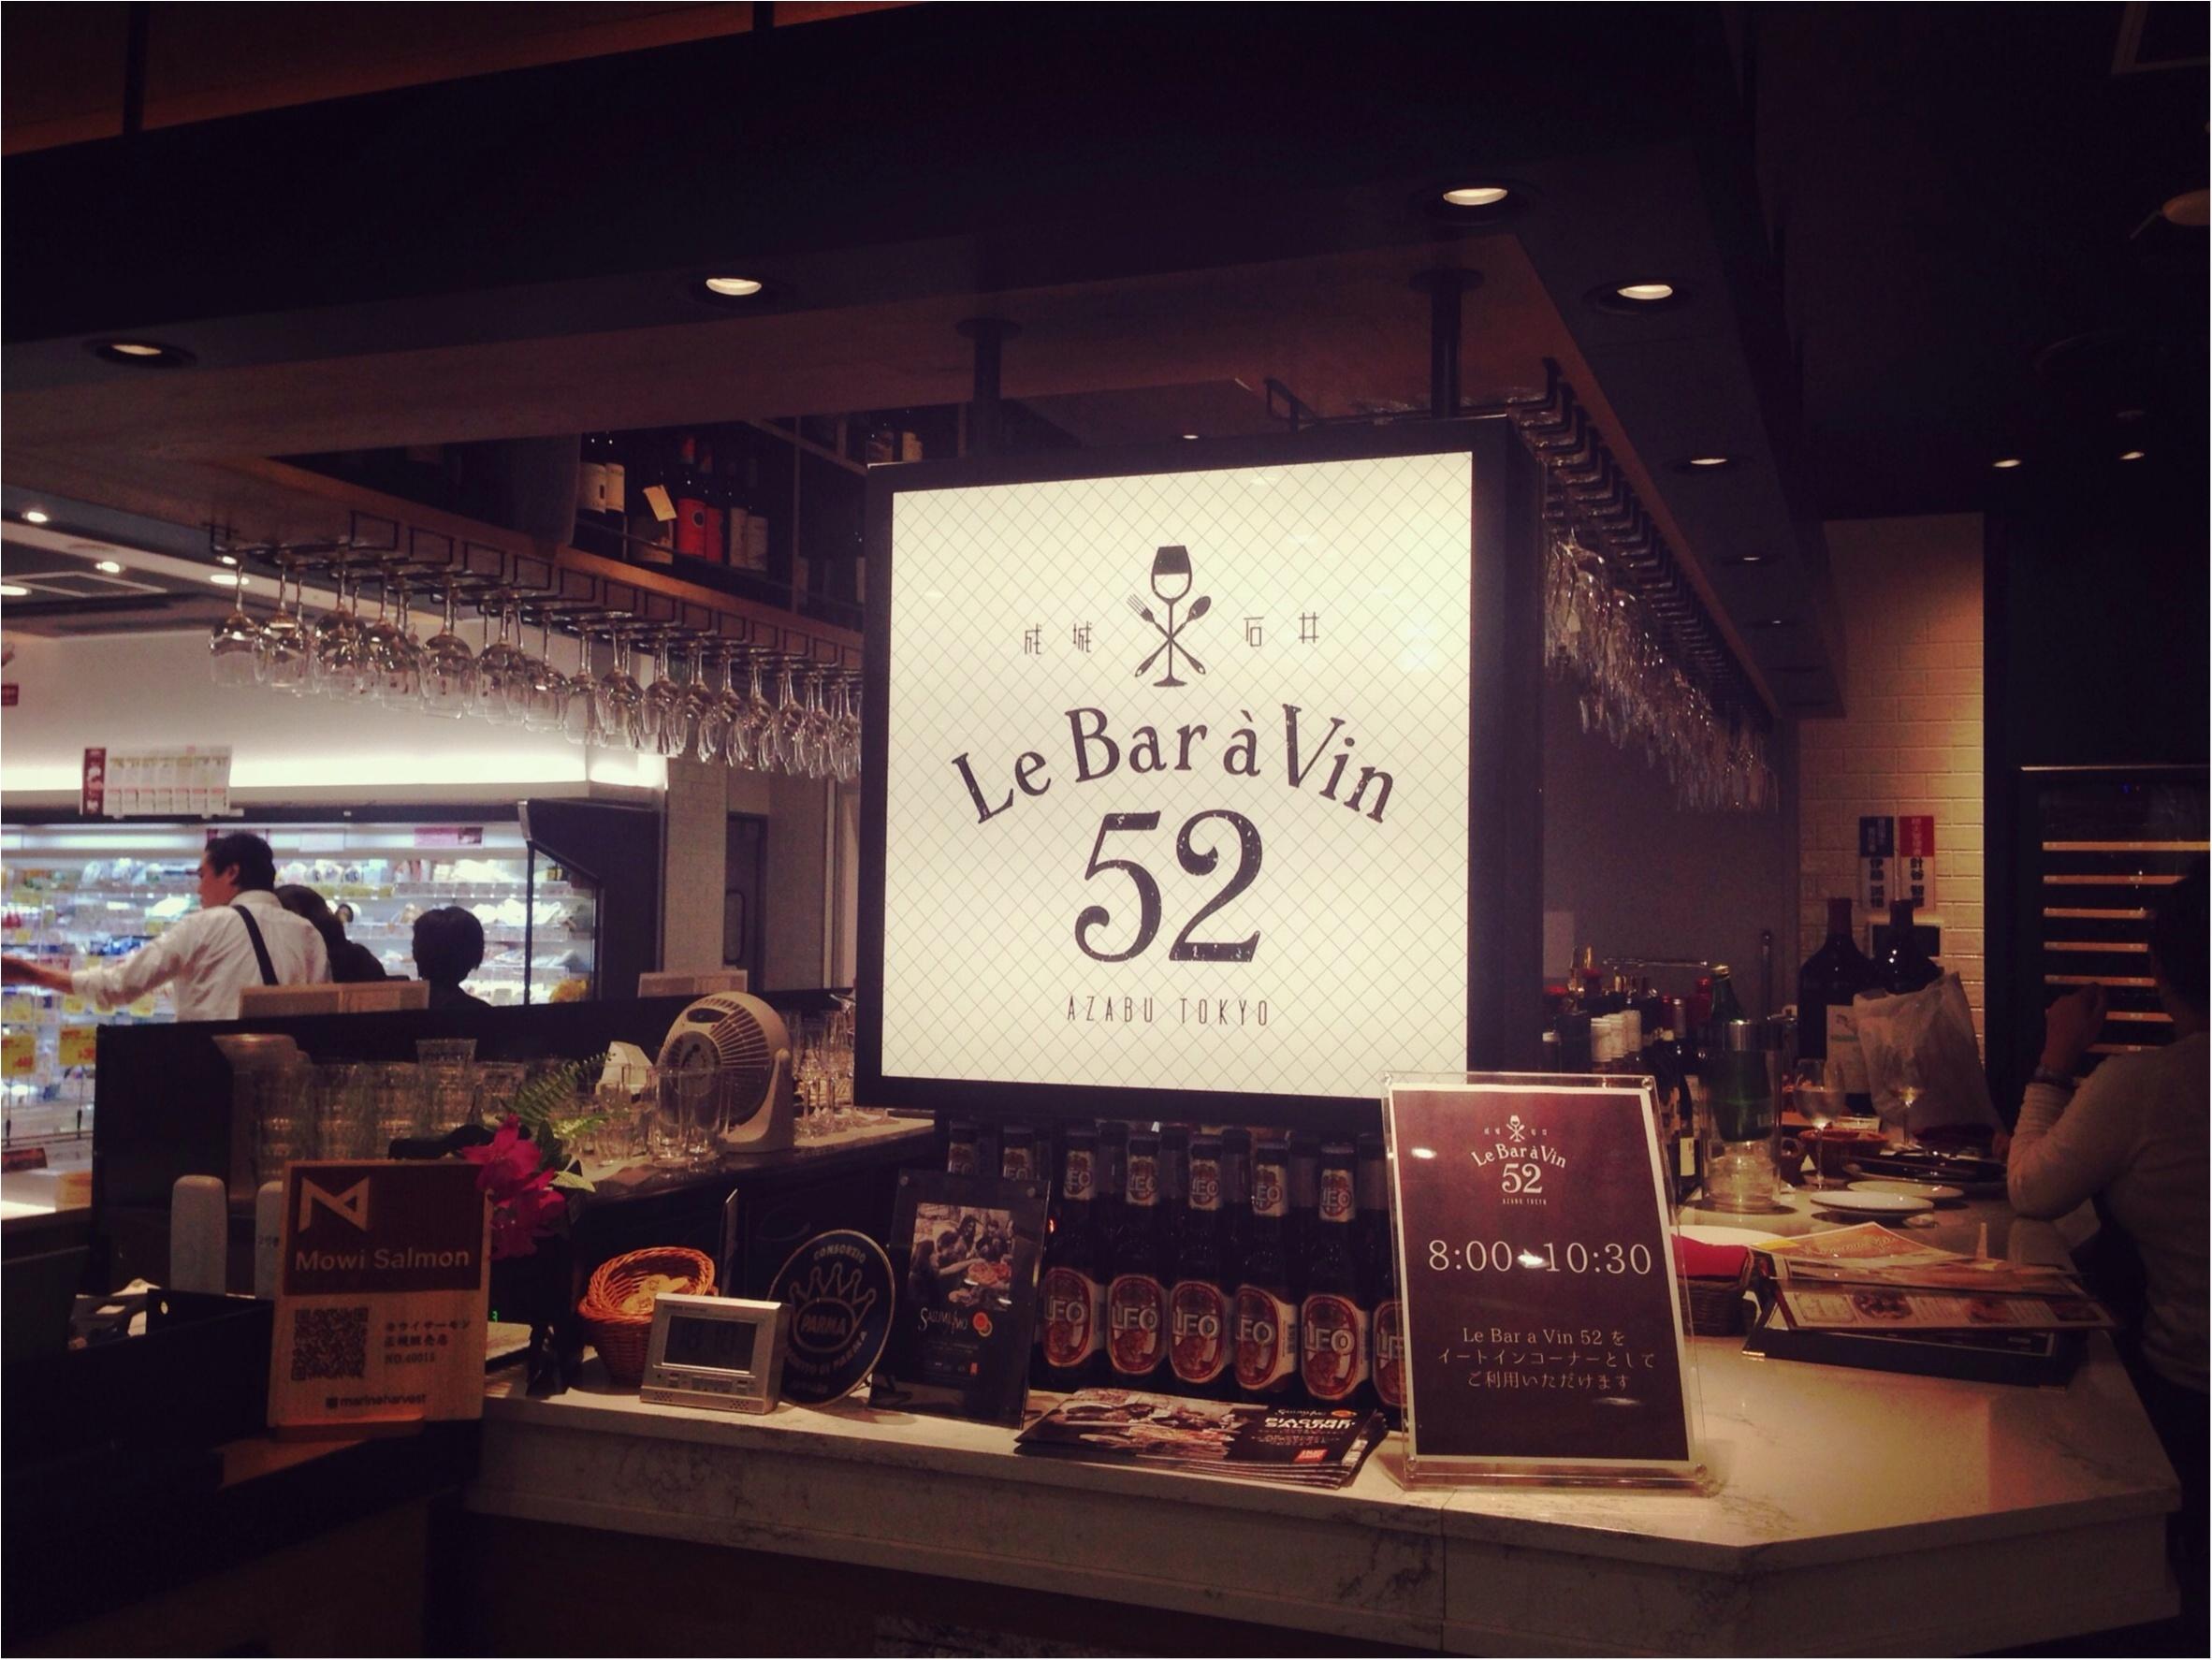 ホントは教えたくない❤️ダイエットに最適な外食店★【ロカボ】成城石井プロデュースのワインと料理が超絶おいしいお店_1